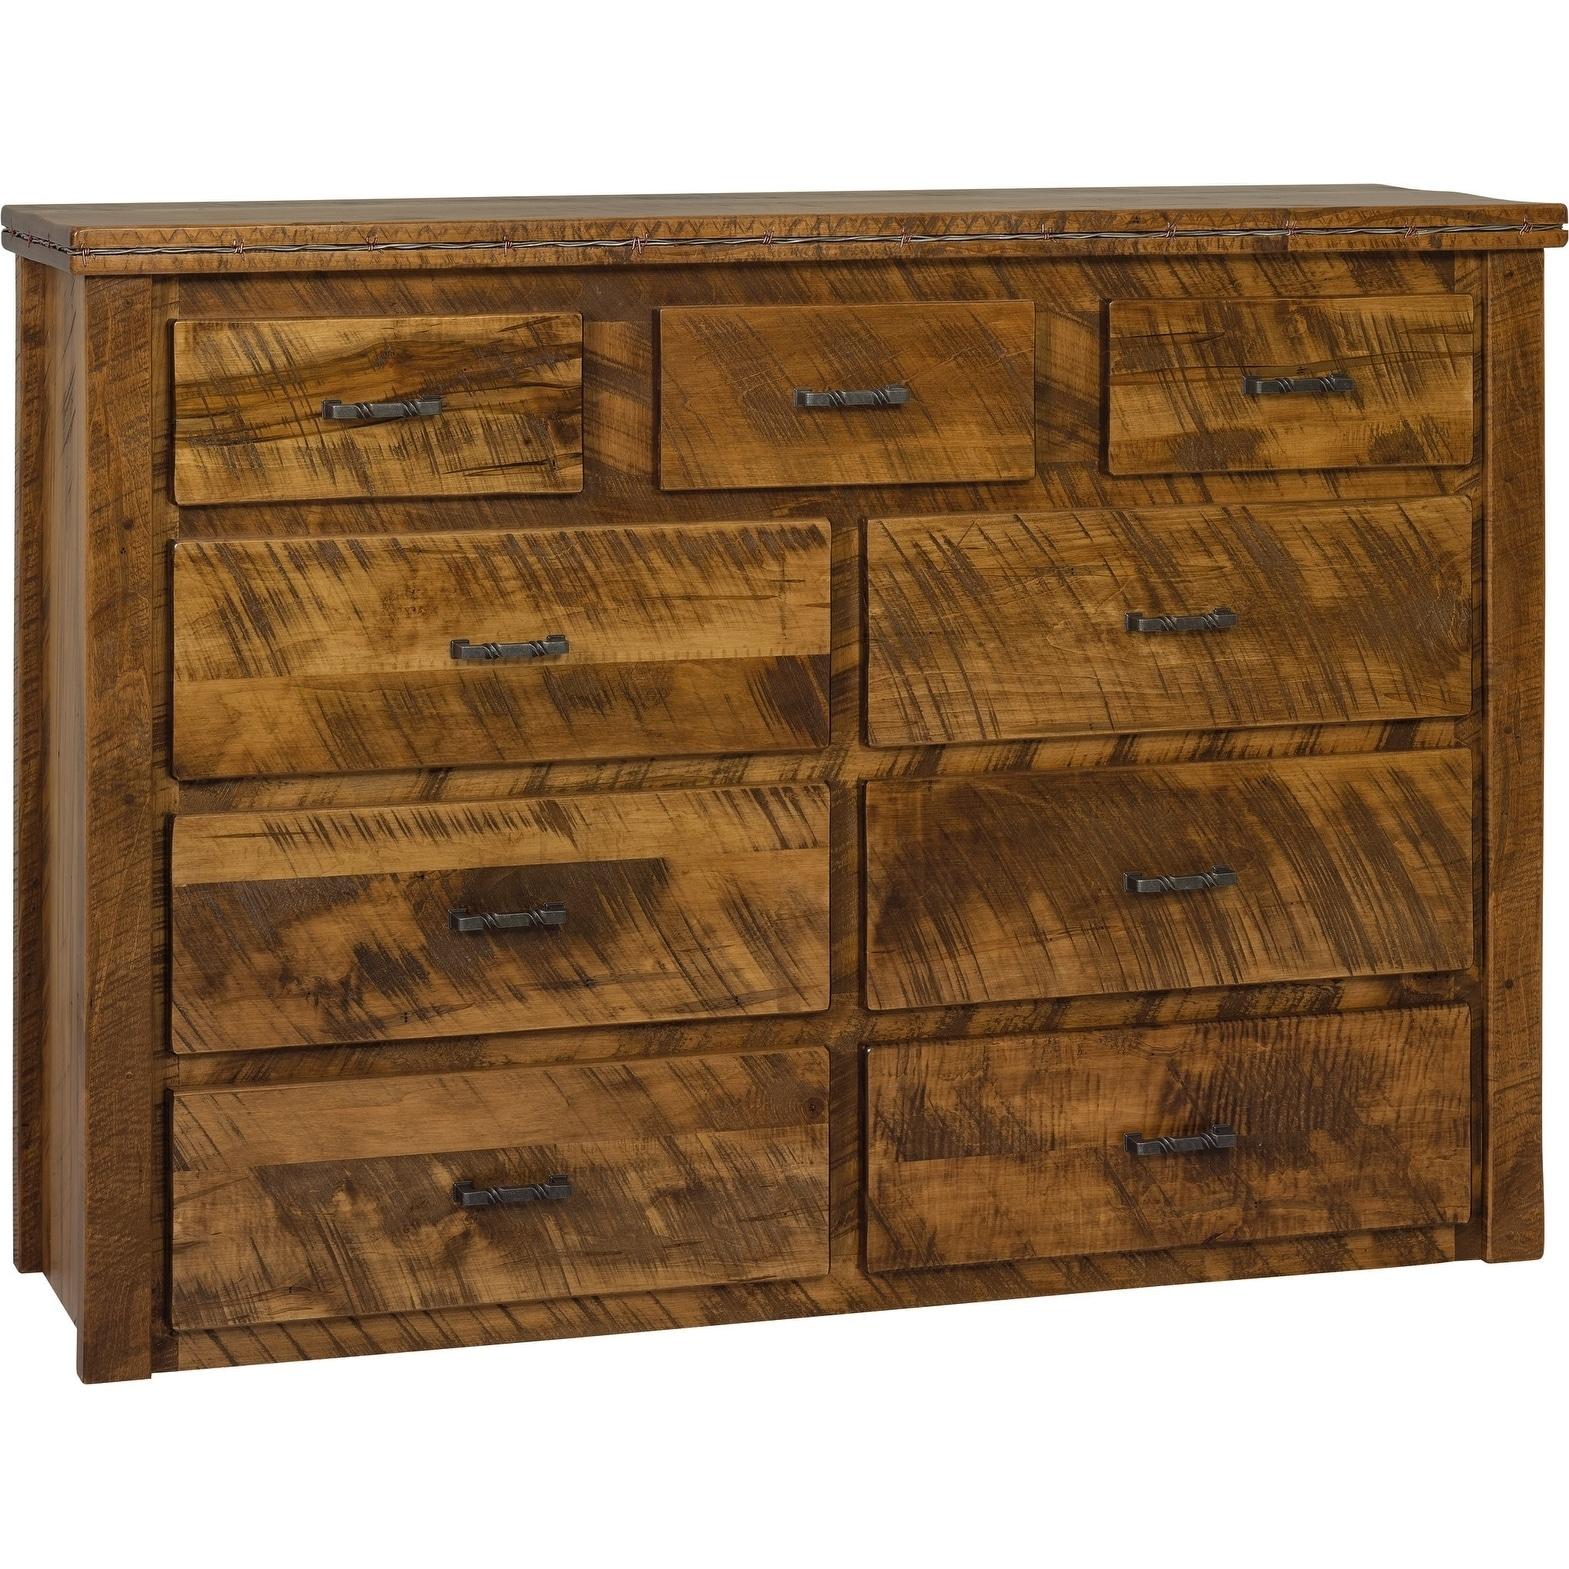 Western Twist 9 Drawer Dresser in Wormy Maple (Asbury Stain)